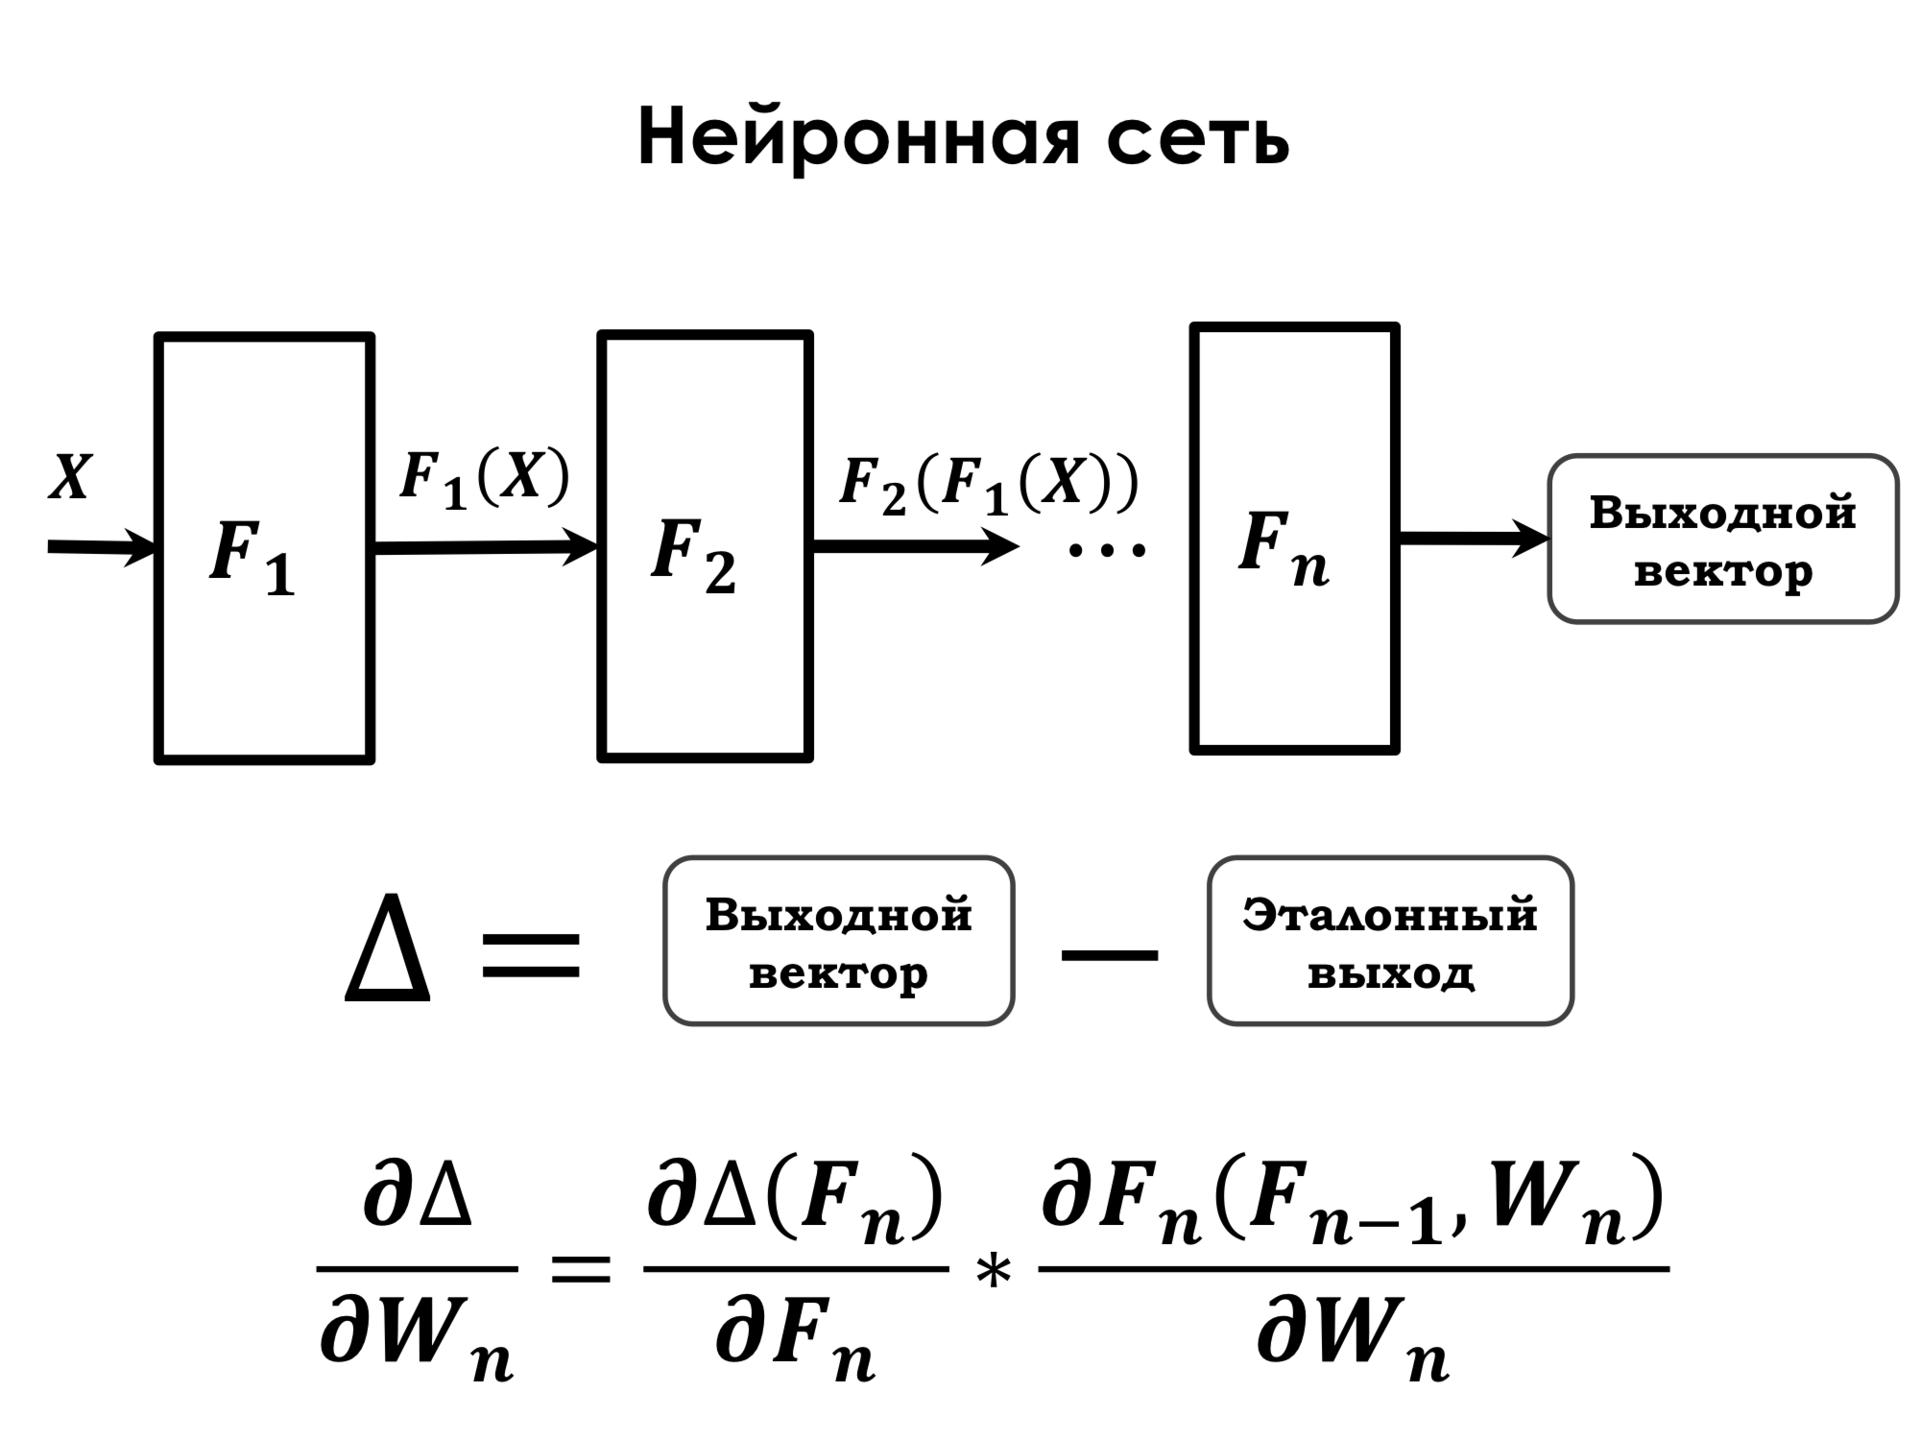 Самое главное о нейронных сетях. Лекция в Яндексе - 14